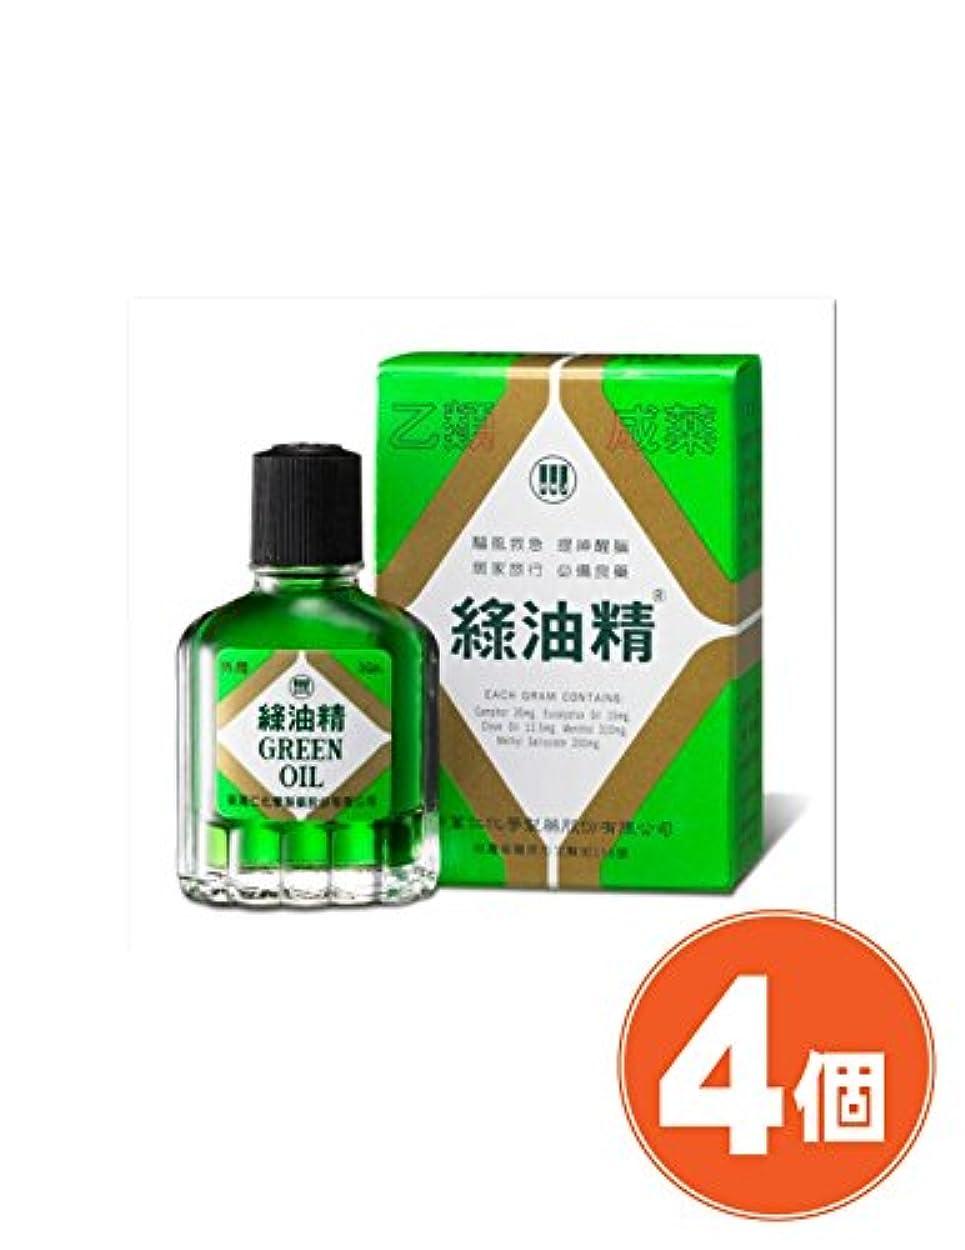 避難混沌収入《新萬仁》台湾の万能グリーンオイル 緑油精 3g ×4個 《台湾 お土産》 [並行輸入品]